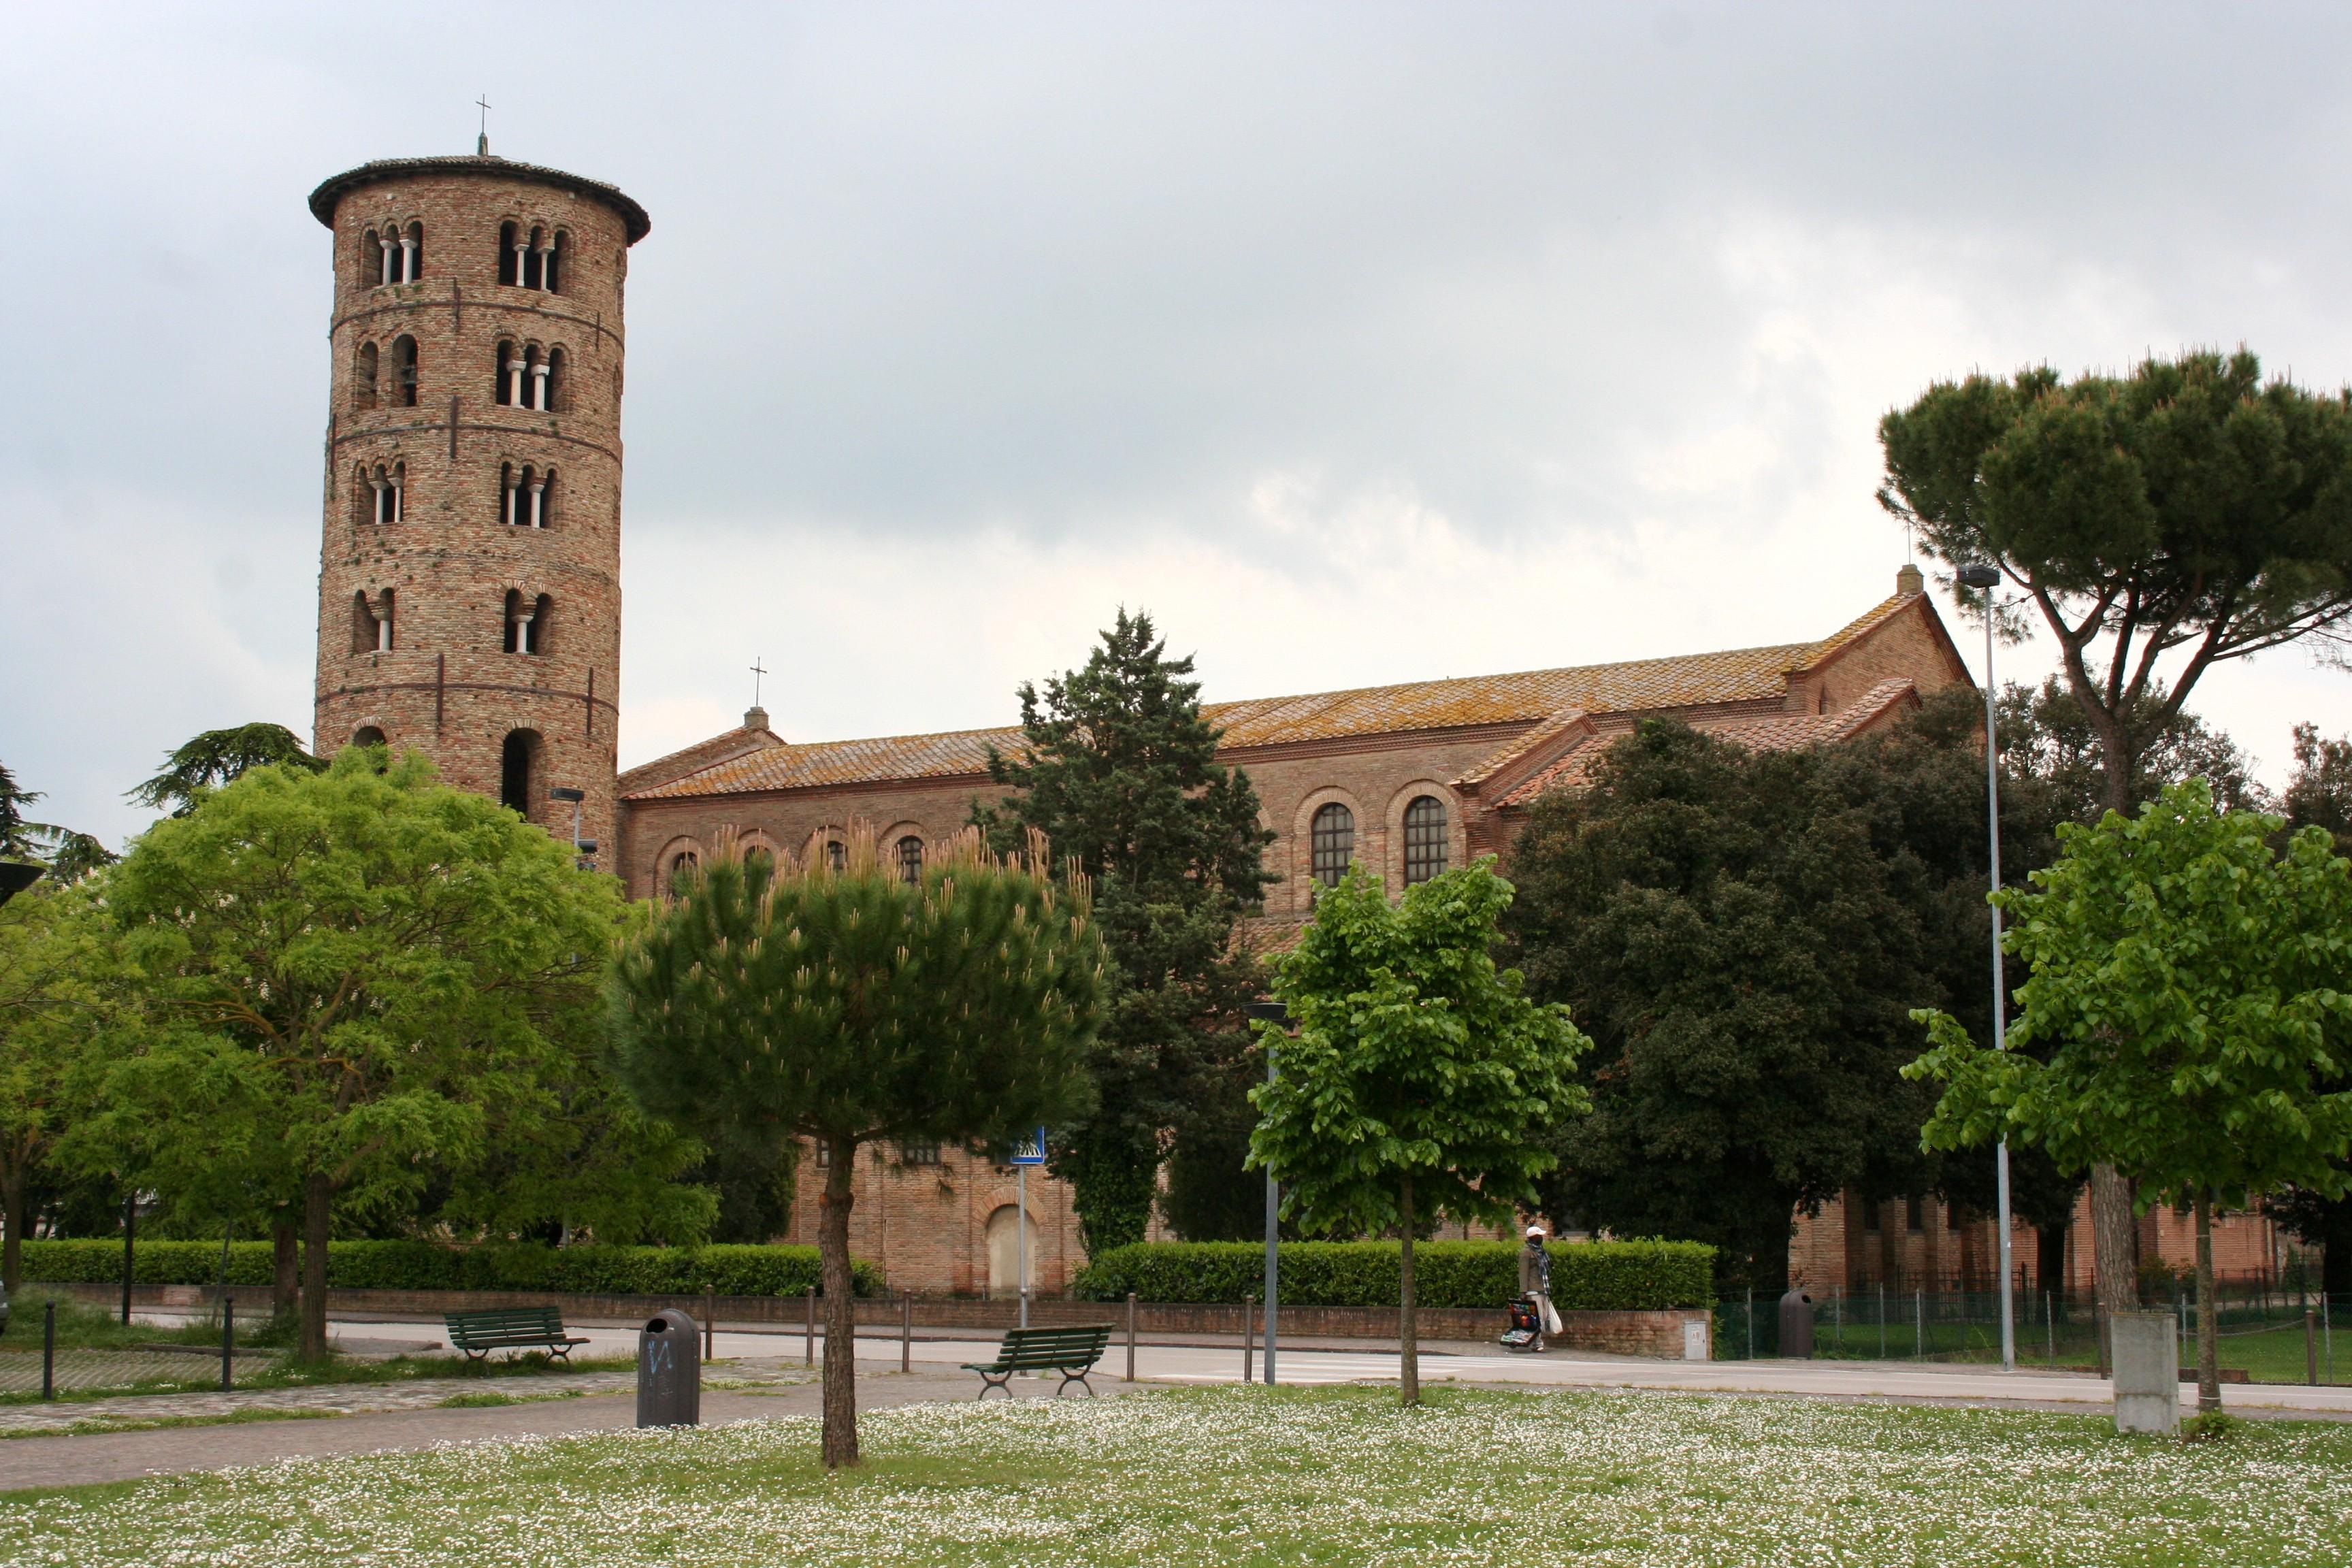 Sant Apollinare in Classe, Ravenna